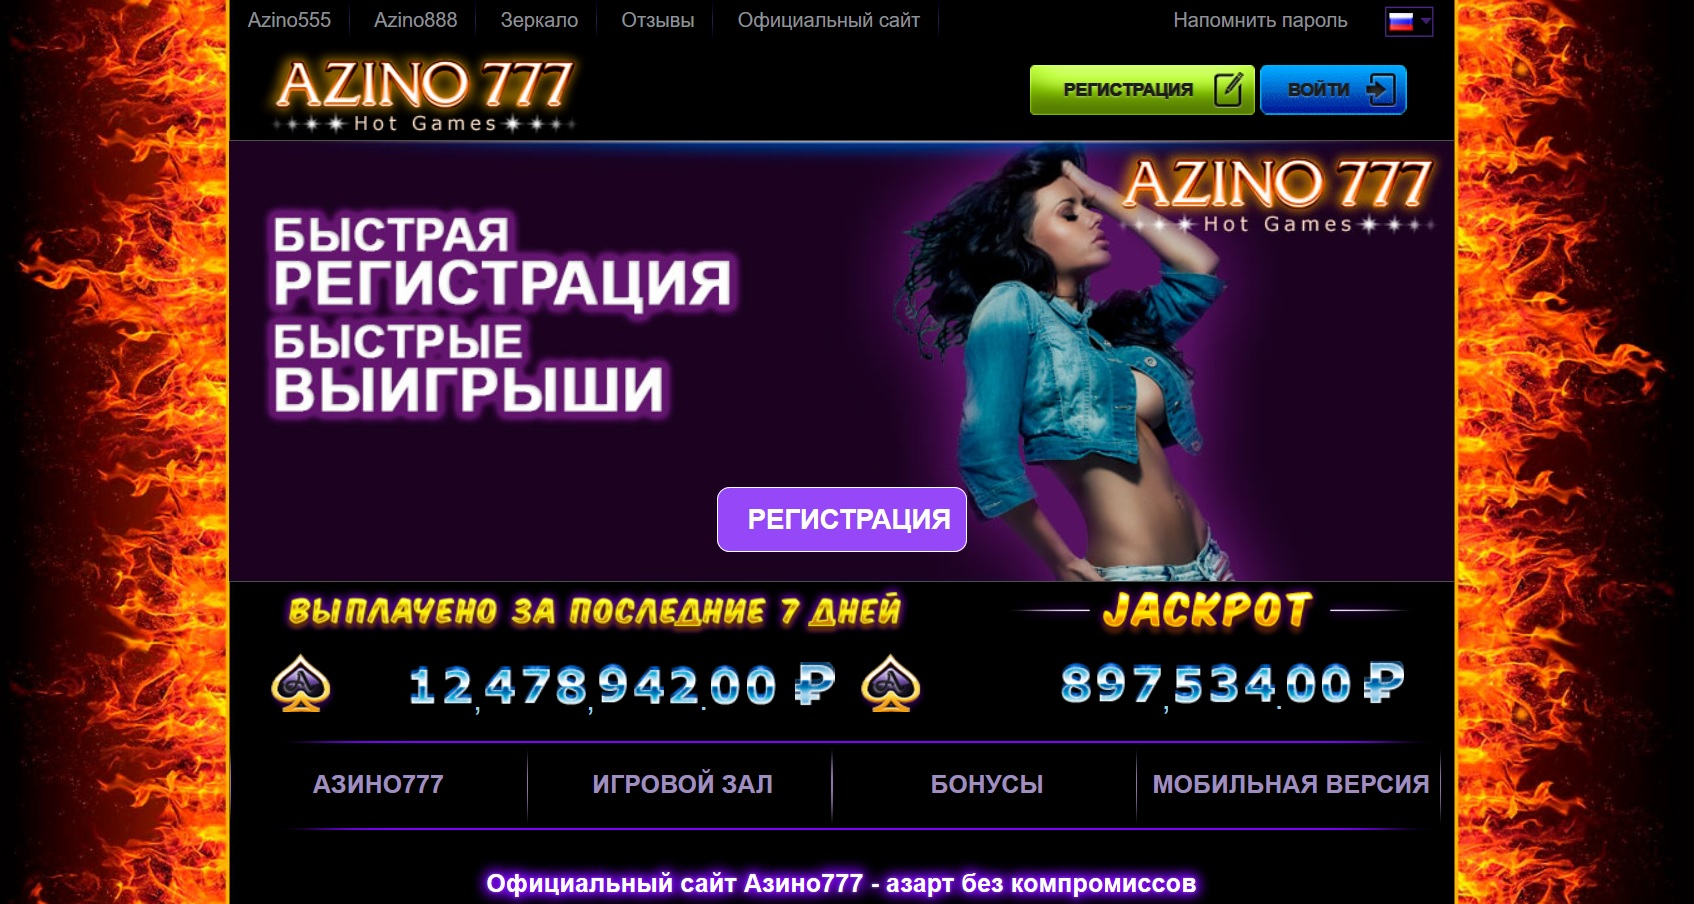 азино 777 вход мобильная версия сайта